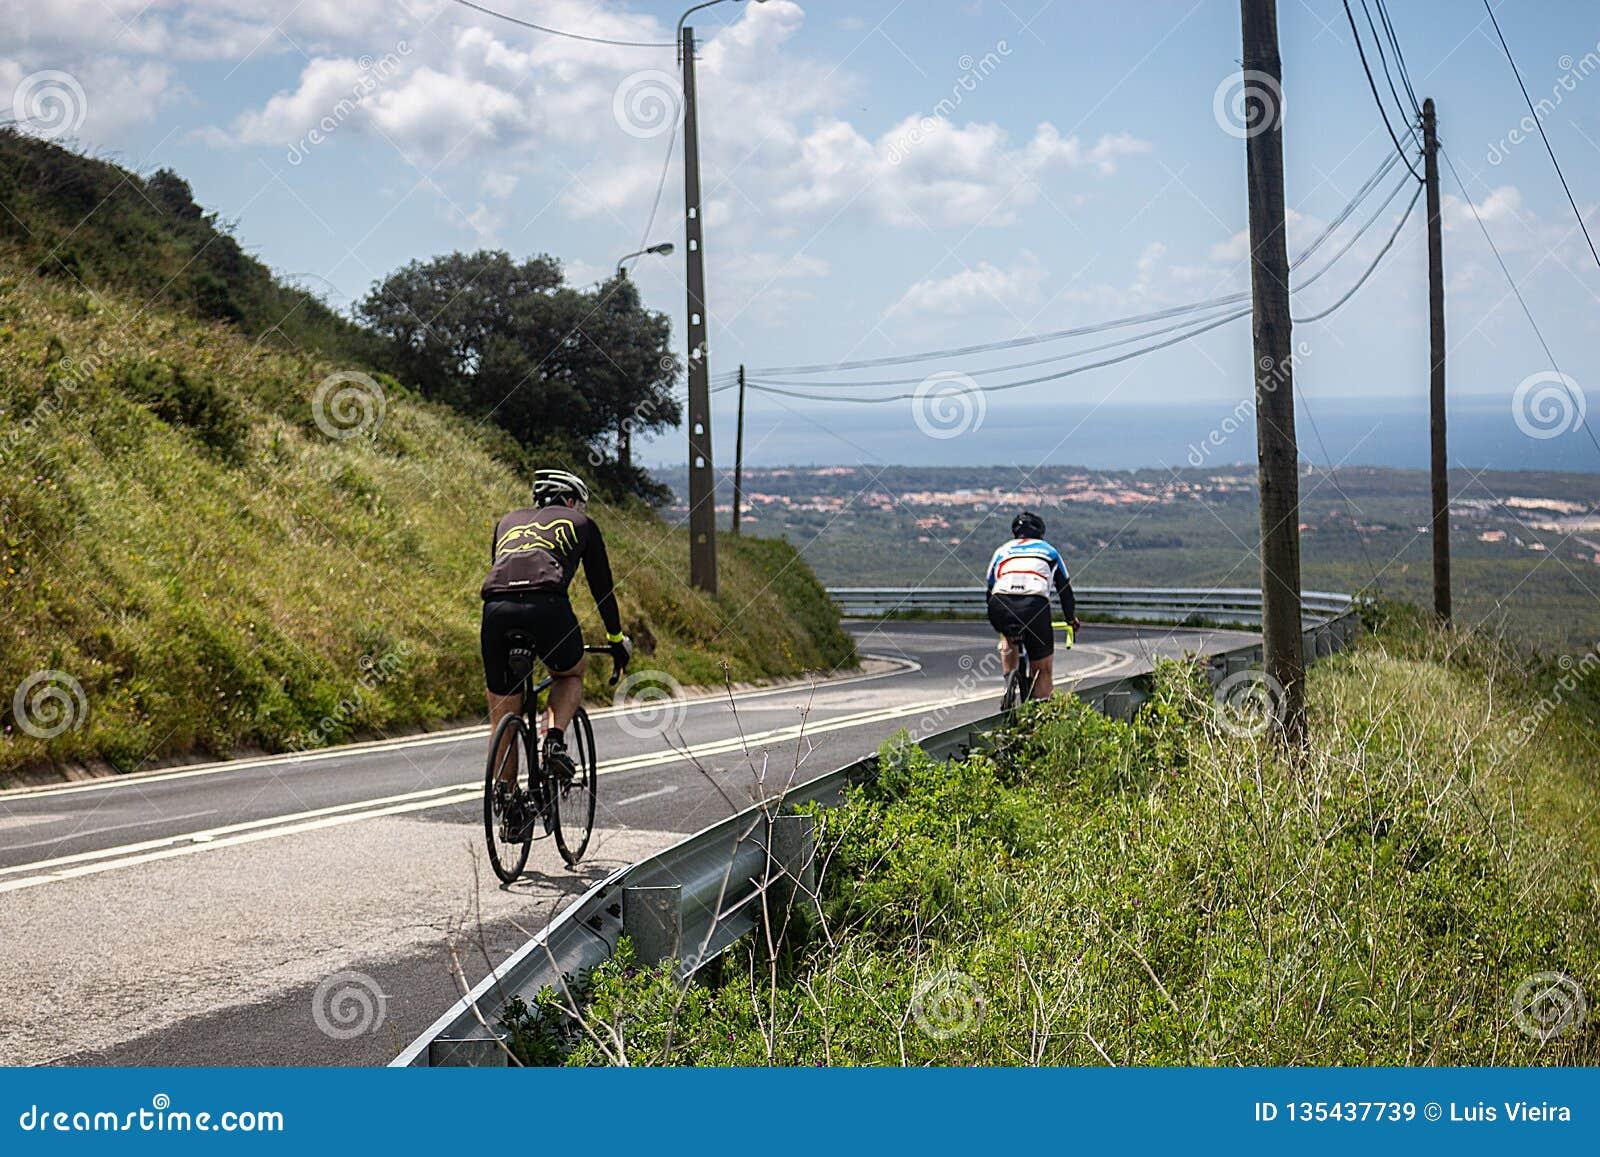 Тренировка 2 велосипедистов на дорогах cascais